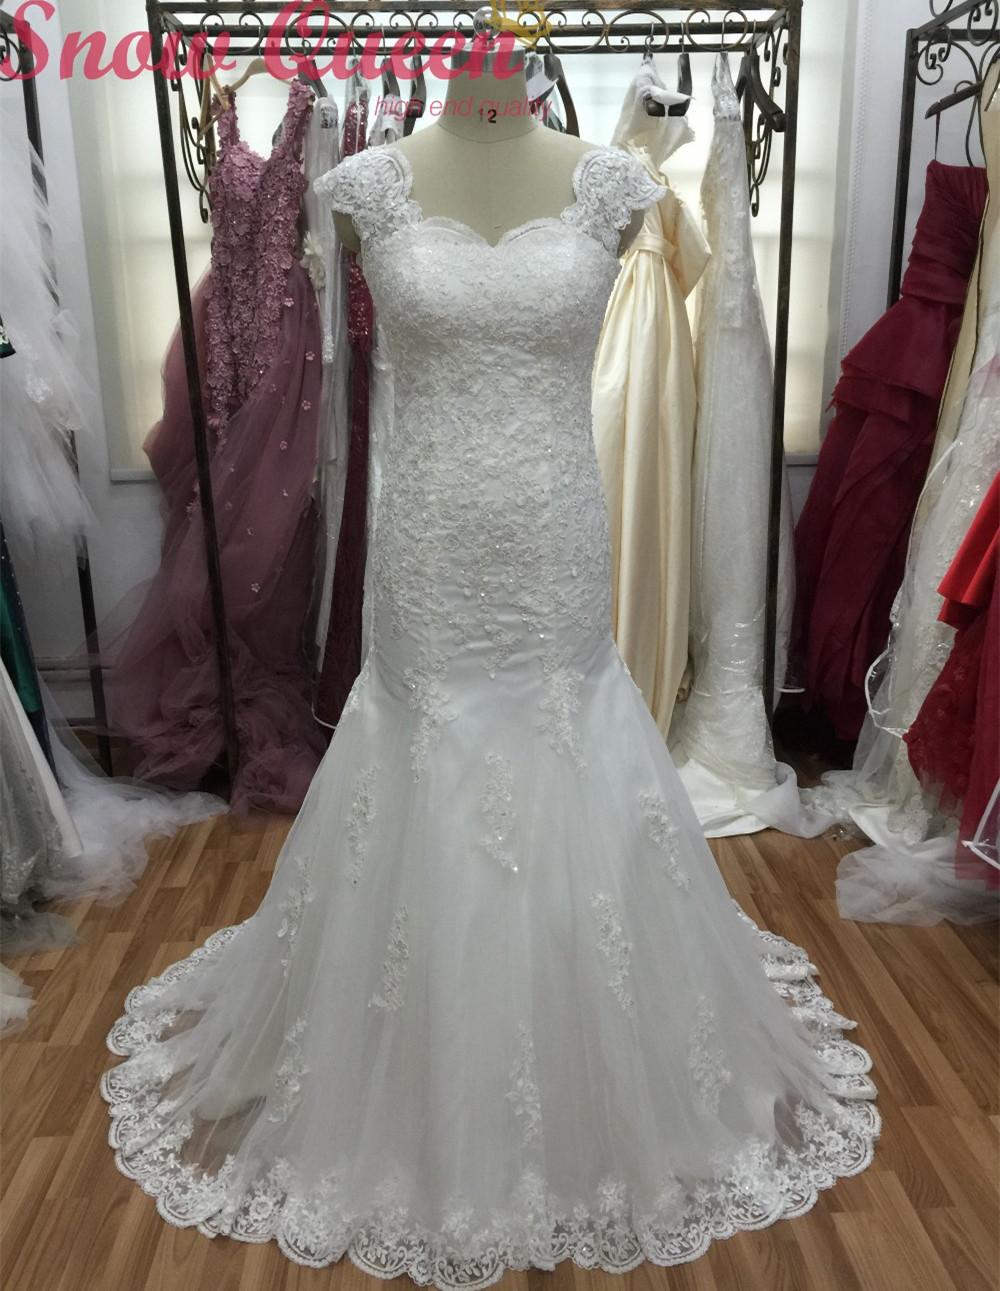 Real Fotos Da Sereia Vestidos de Casamento 2016 Apliques de Renda Marfim Vestido de Noiva Baguetes Clsaasic Design Tribunal Trem robe de mariage(China (Mainland))